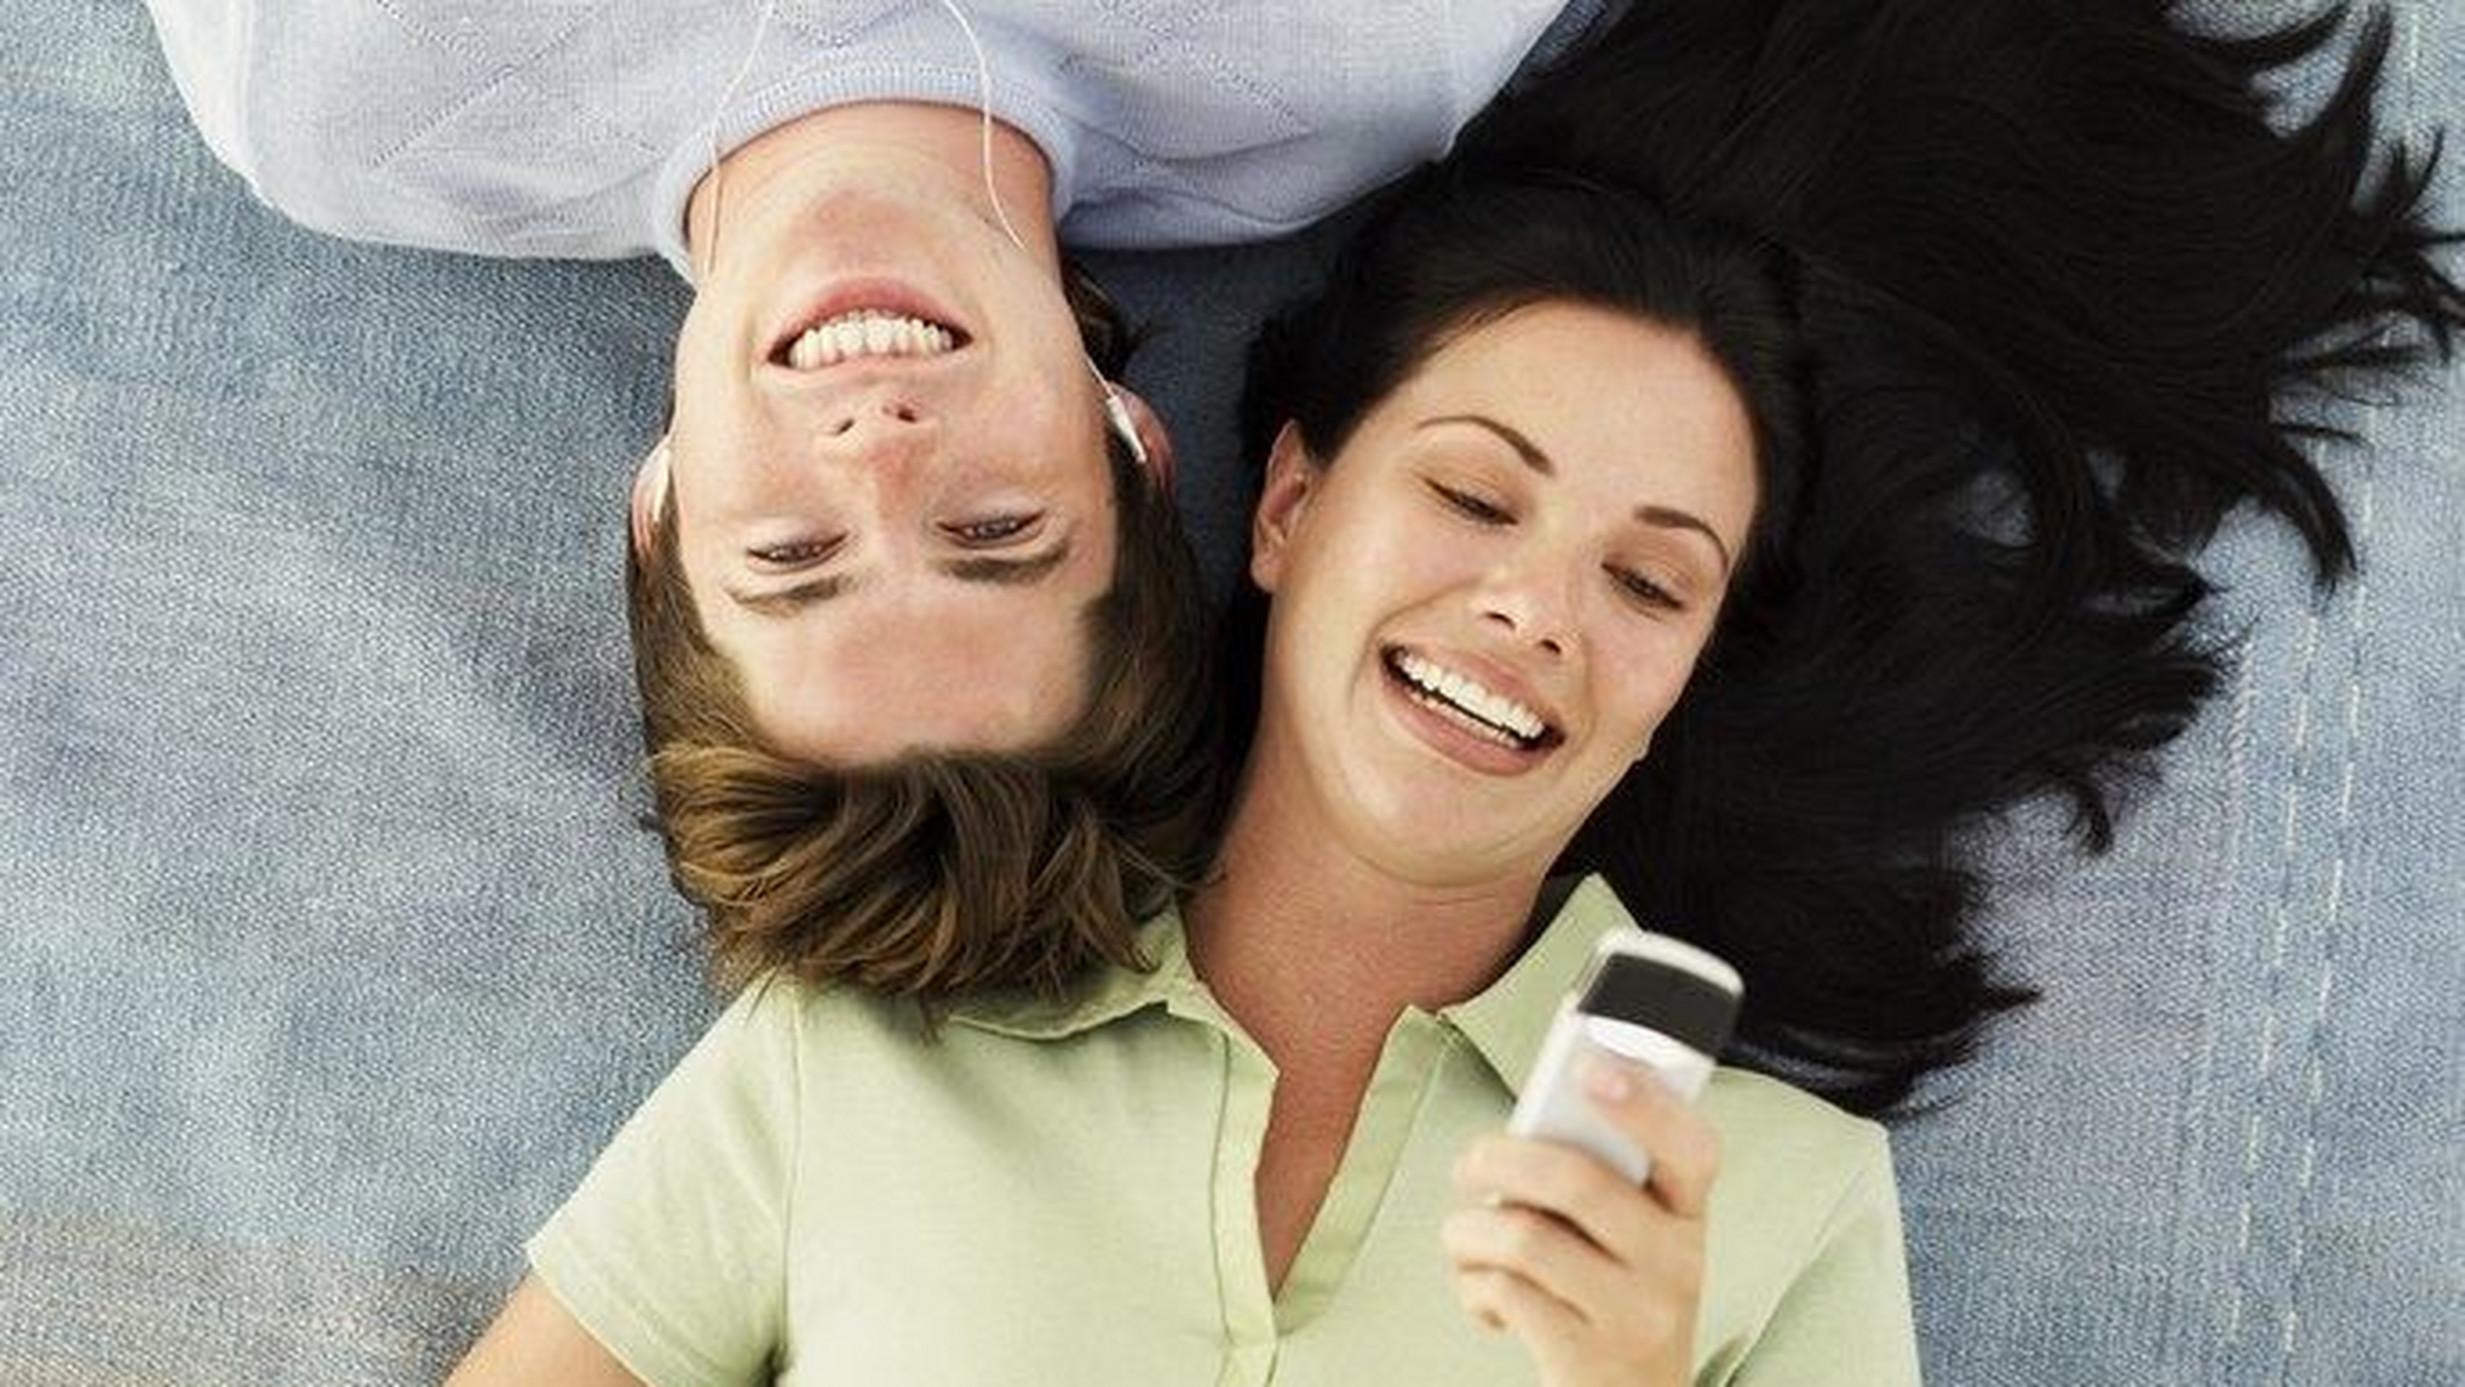 jaka jest twoja aplikacja randkowa randki czaty za darmo online